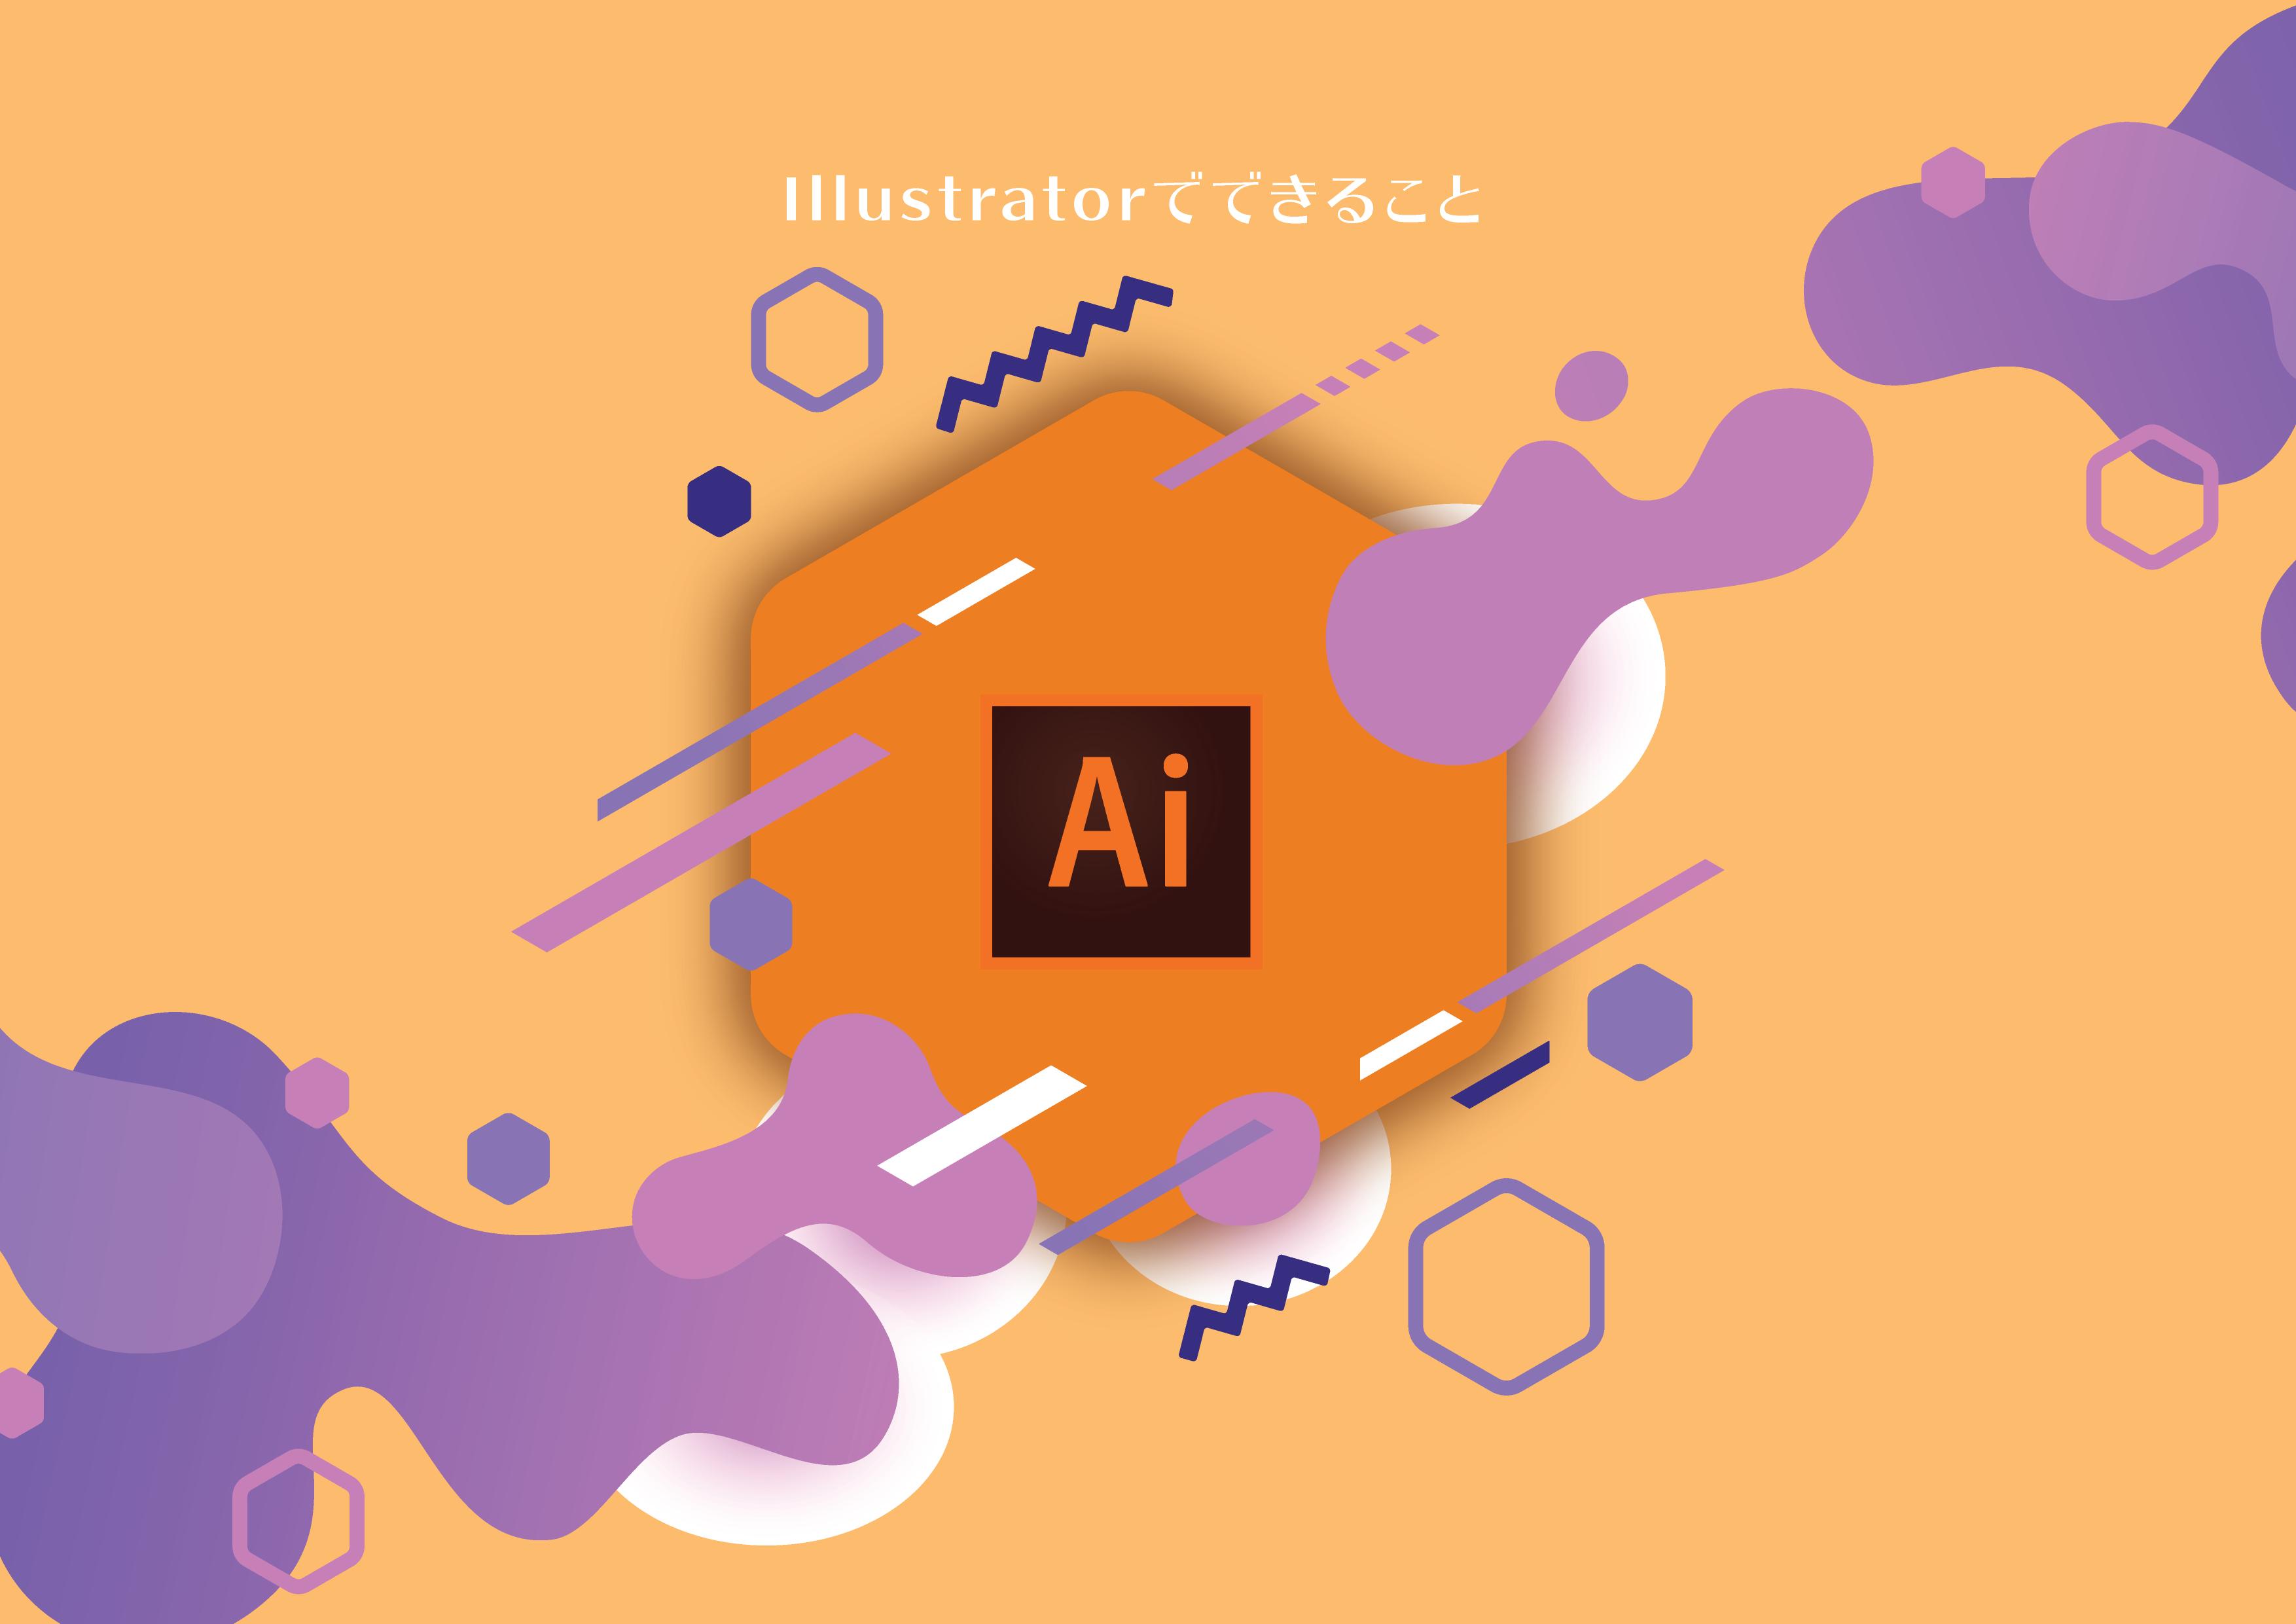 illustrator beginner 01